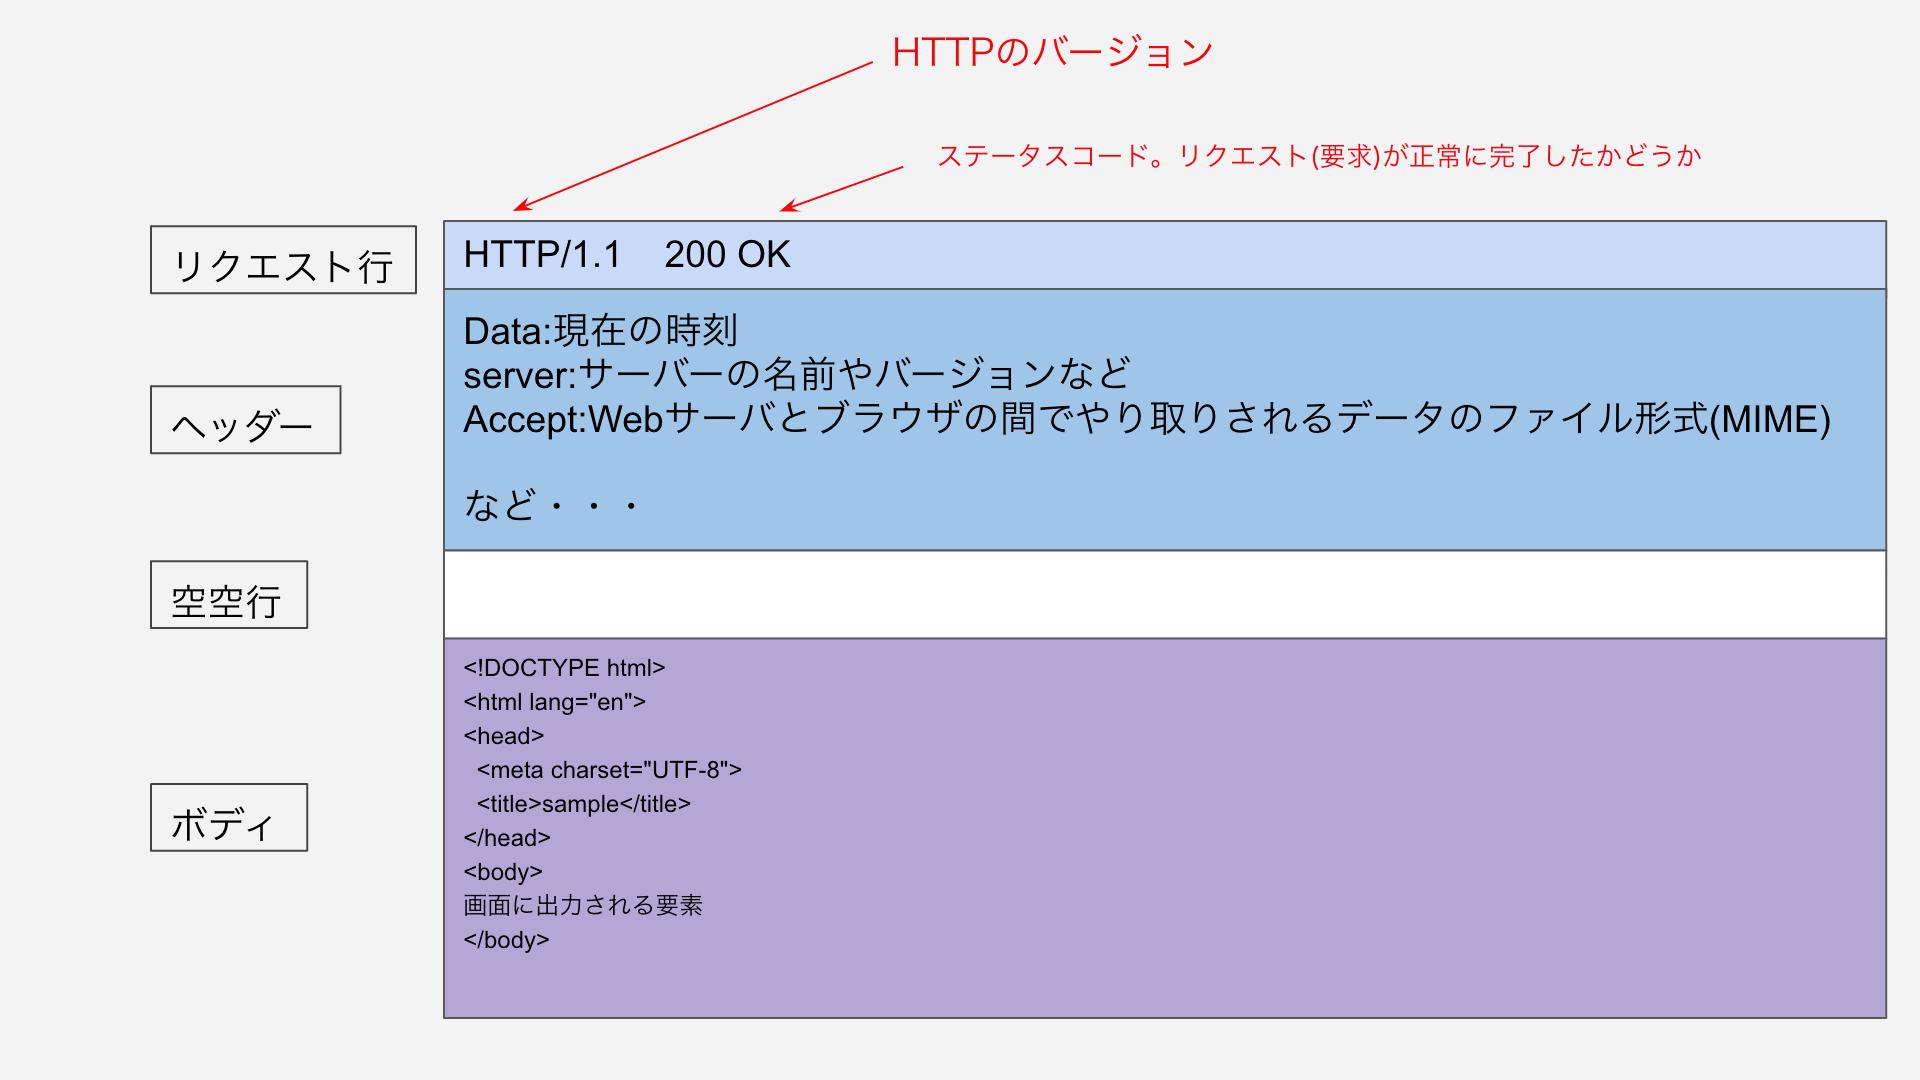 スクリーンショット 2020-11-05 9.22.11(2).png